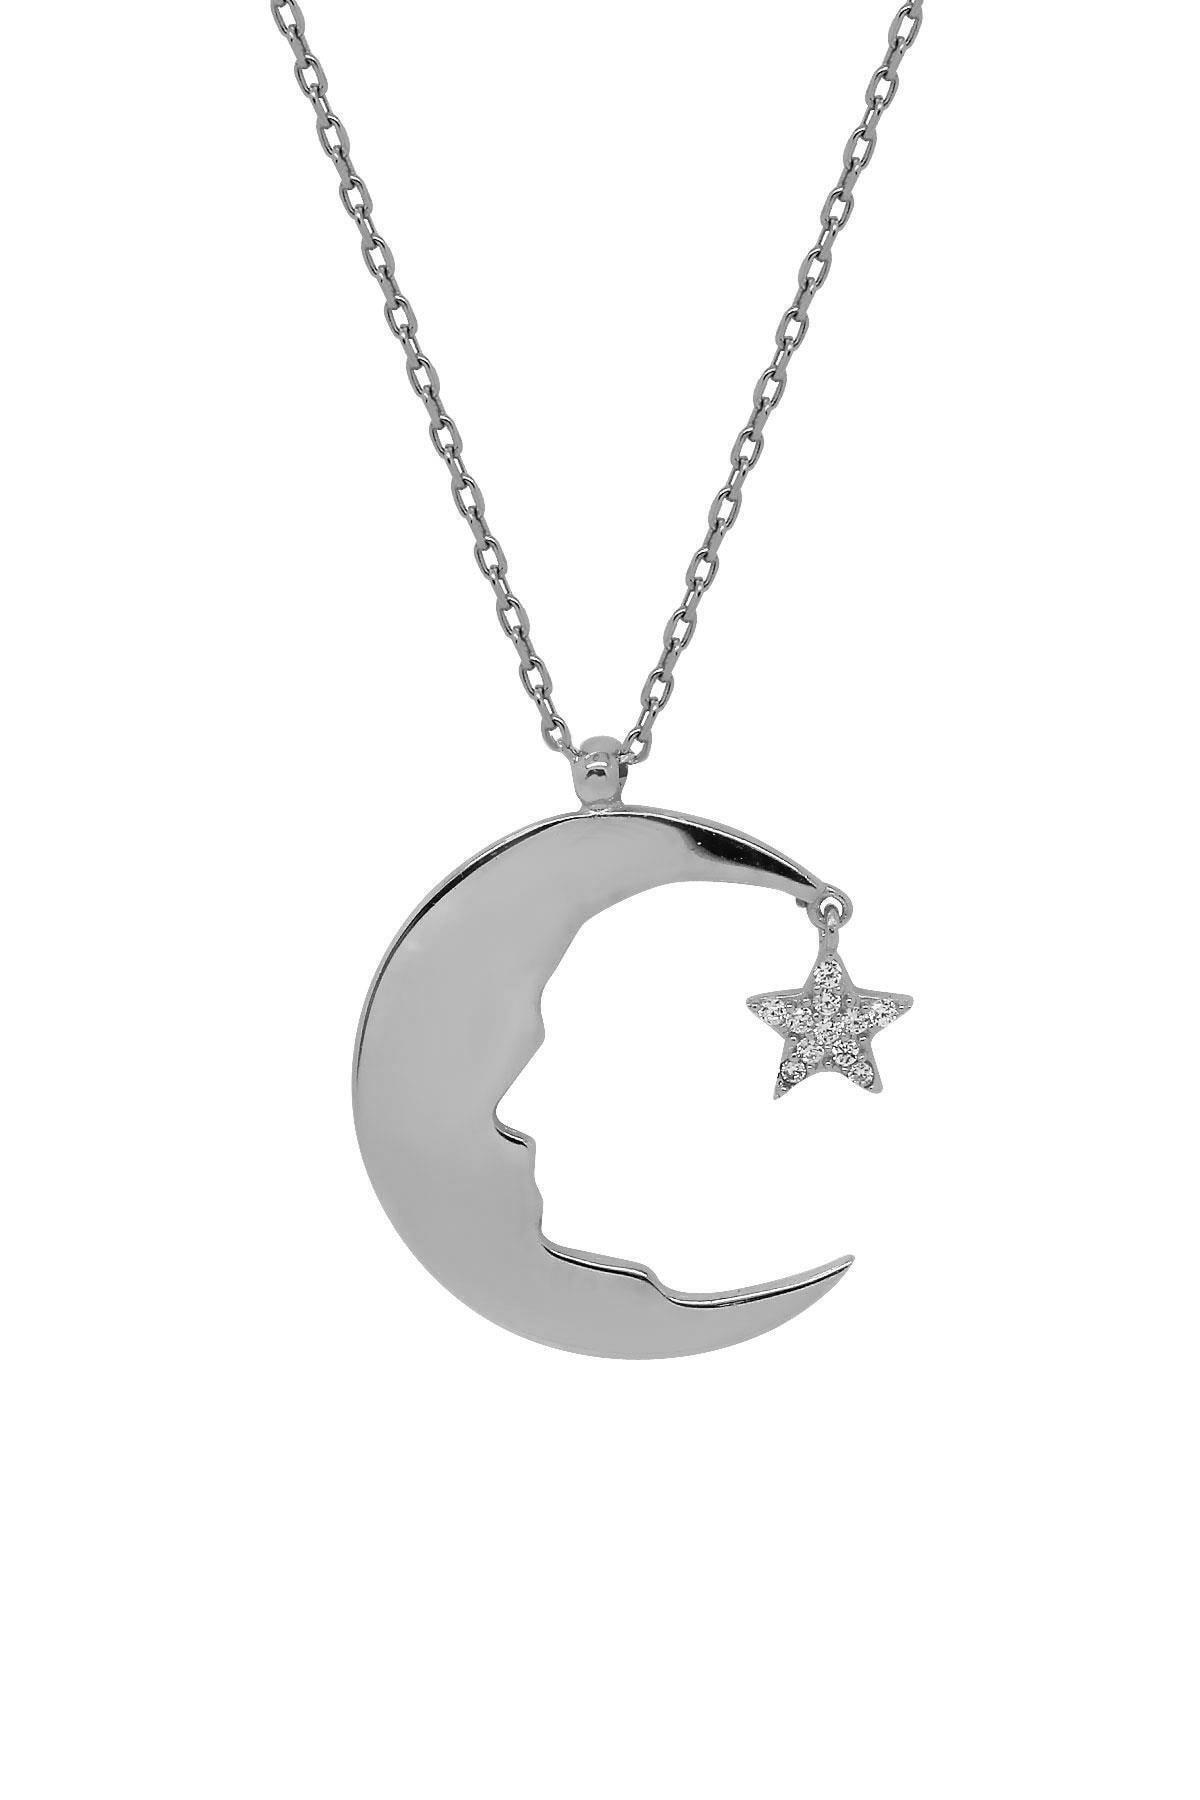 Hyde Park Hydepark Gümüş Taşlı Ayyıldız Kolye 44k2kly0281002342 1